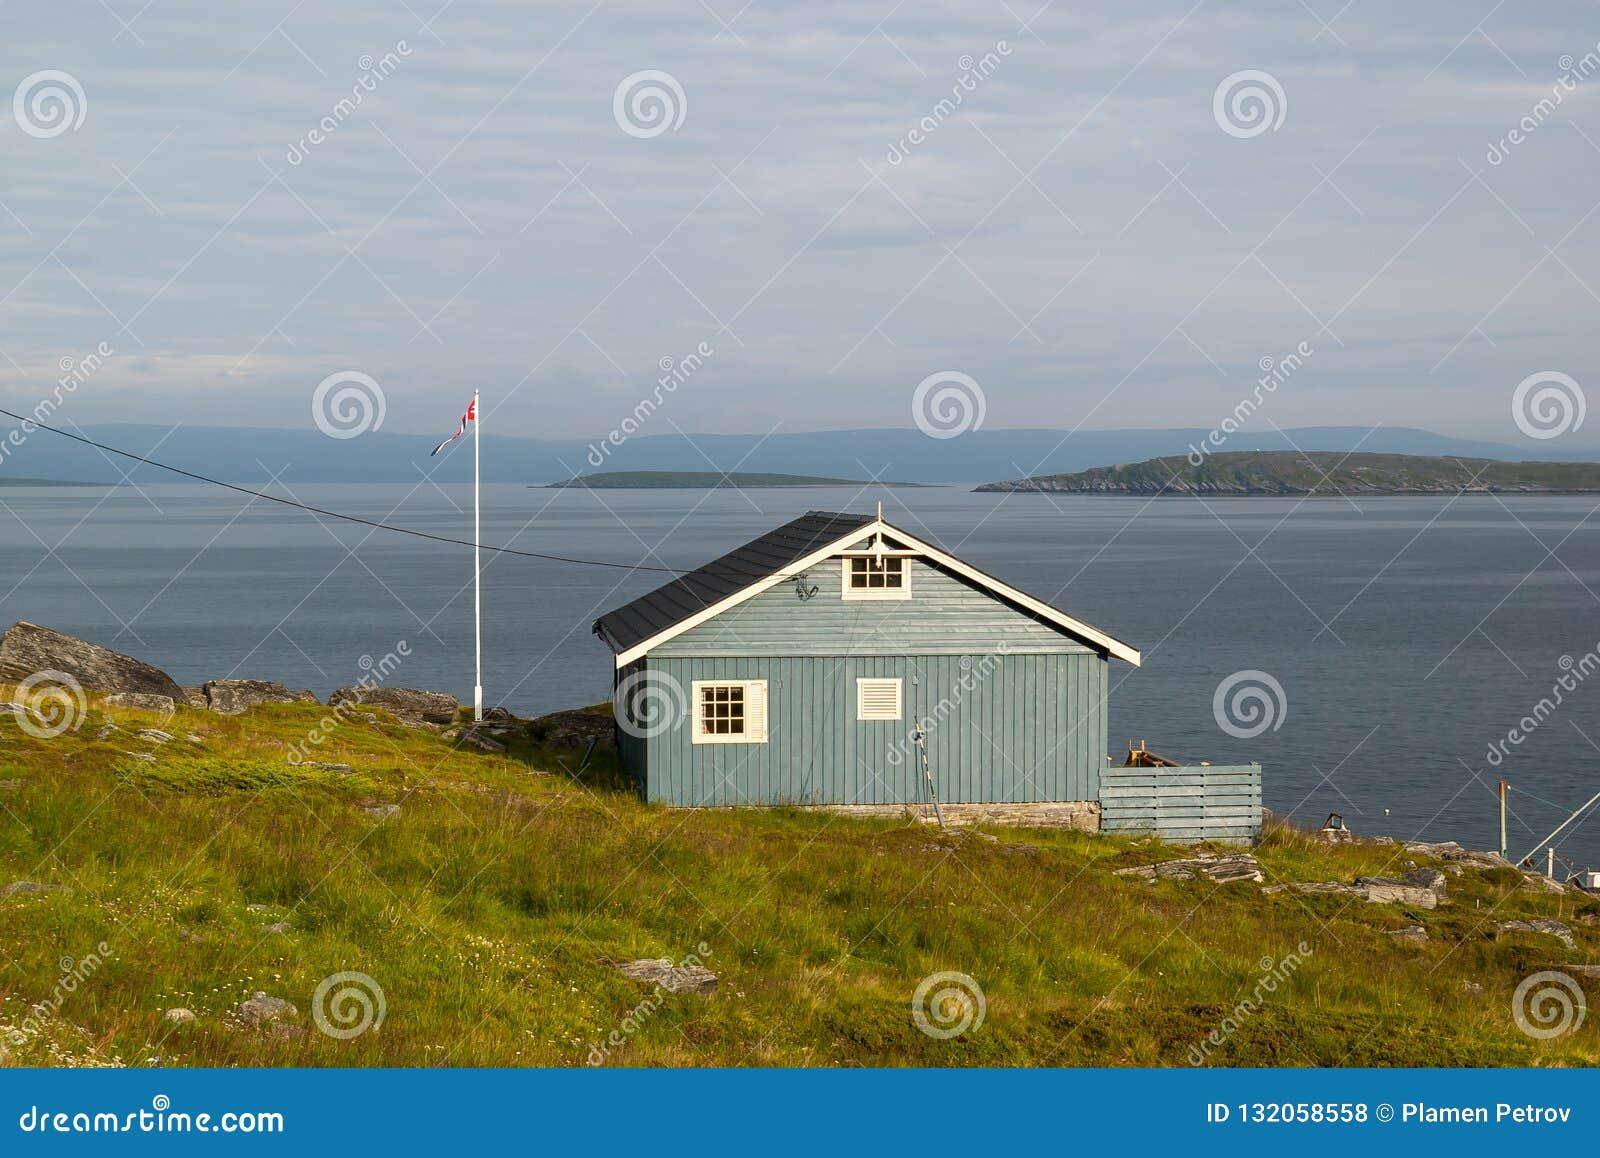 Maison norvégienne donnant sur la mer